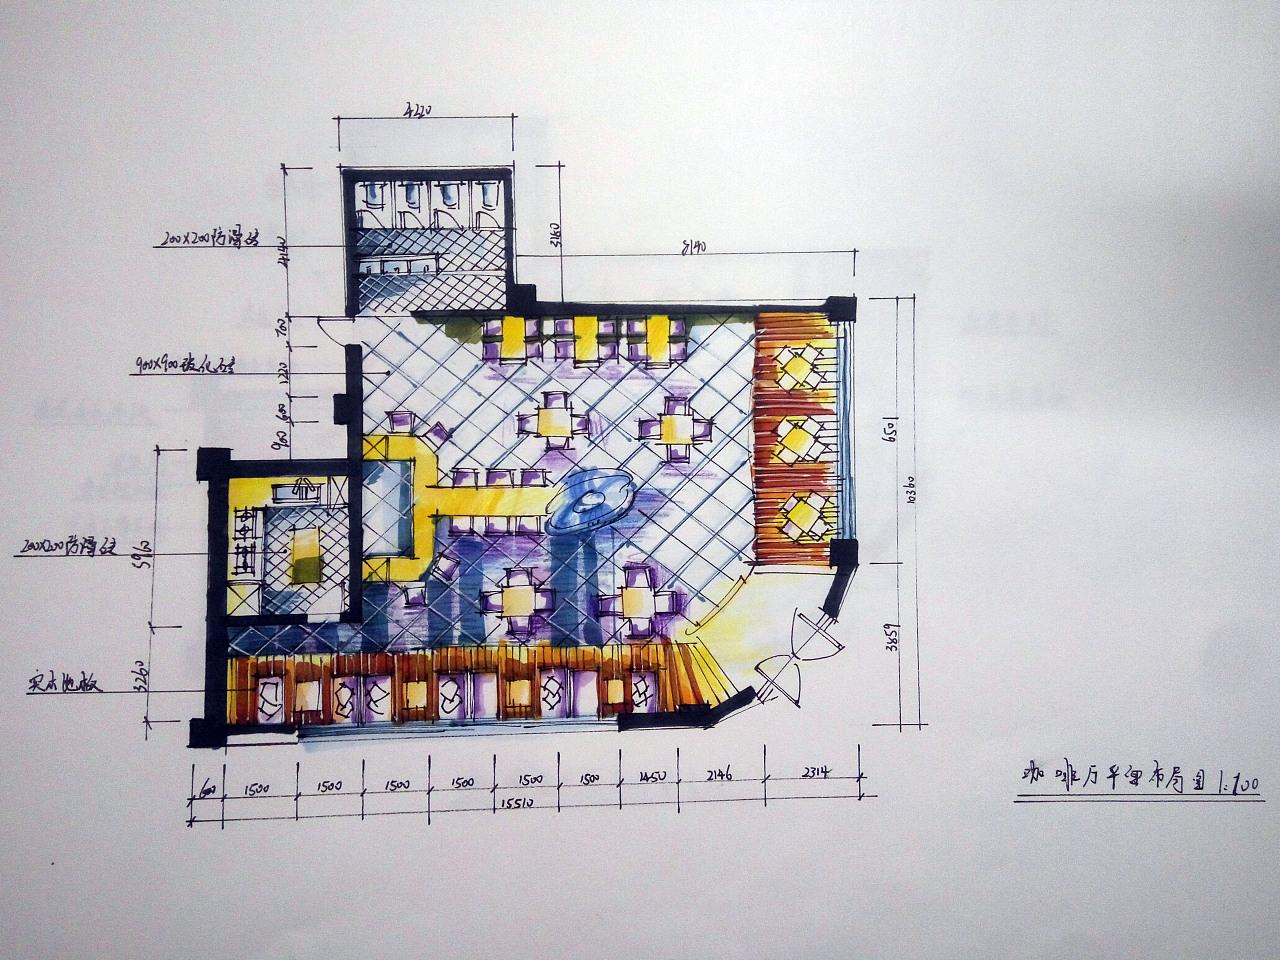 咖啡厅平面图